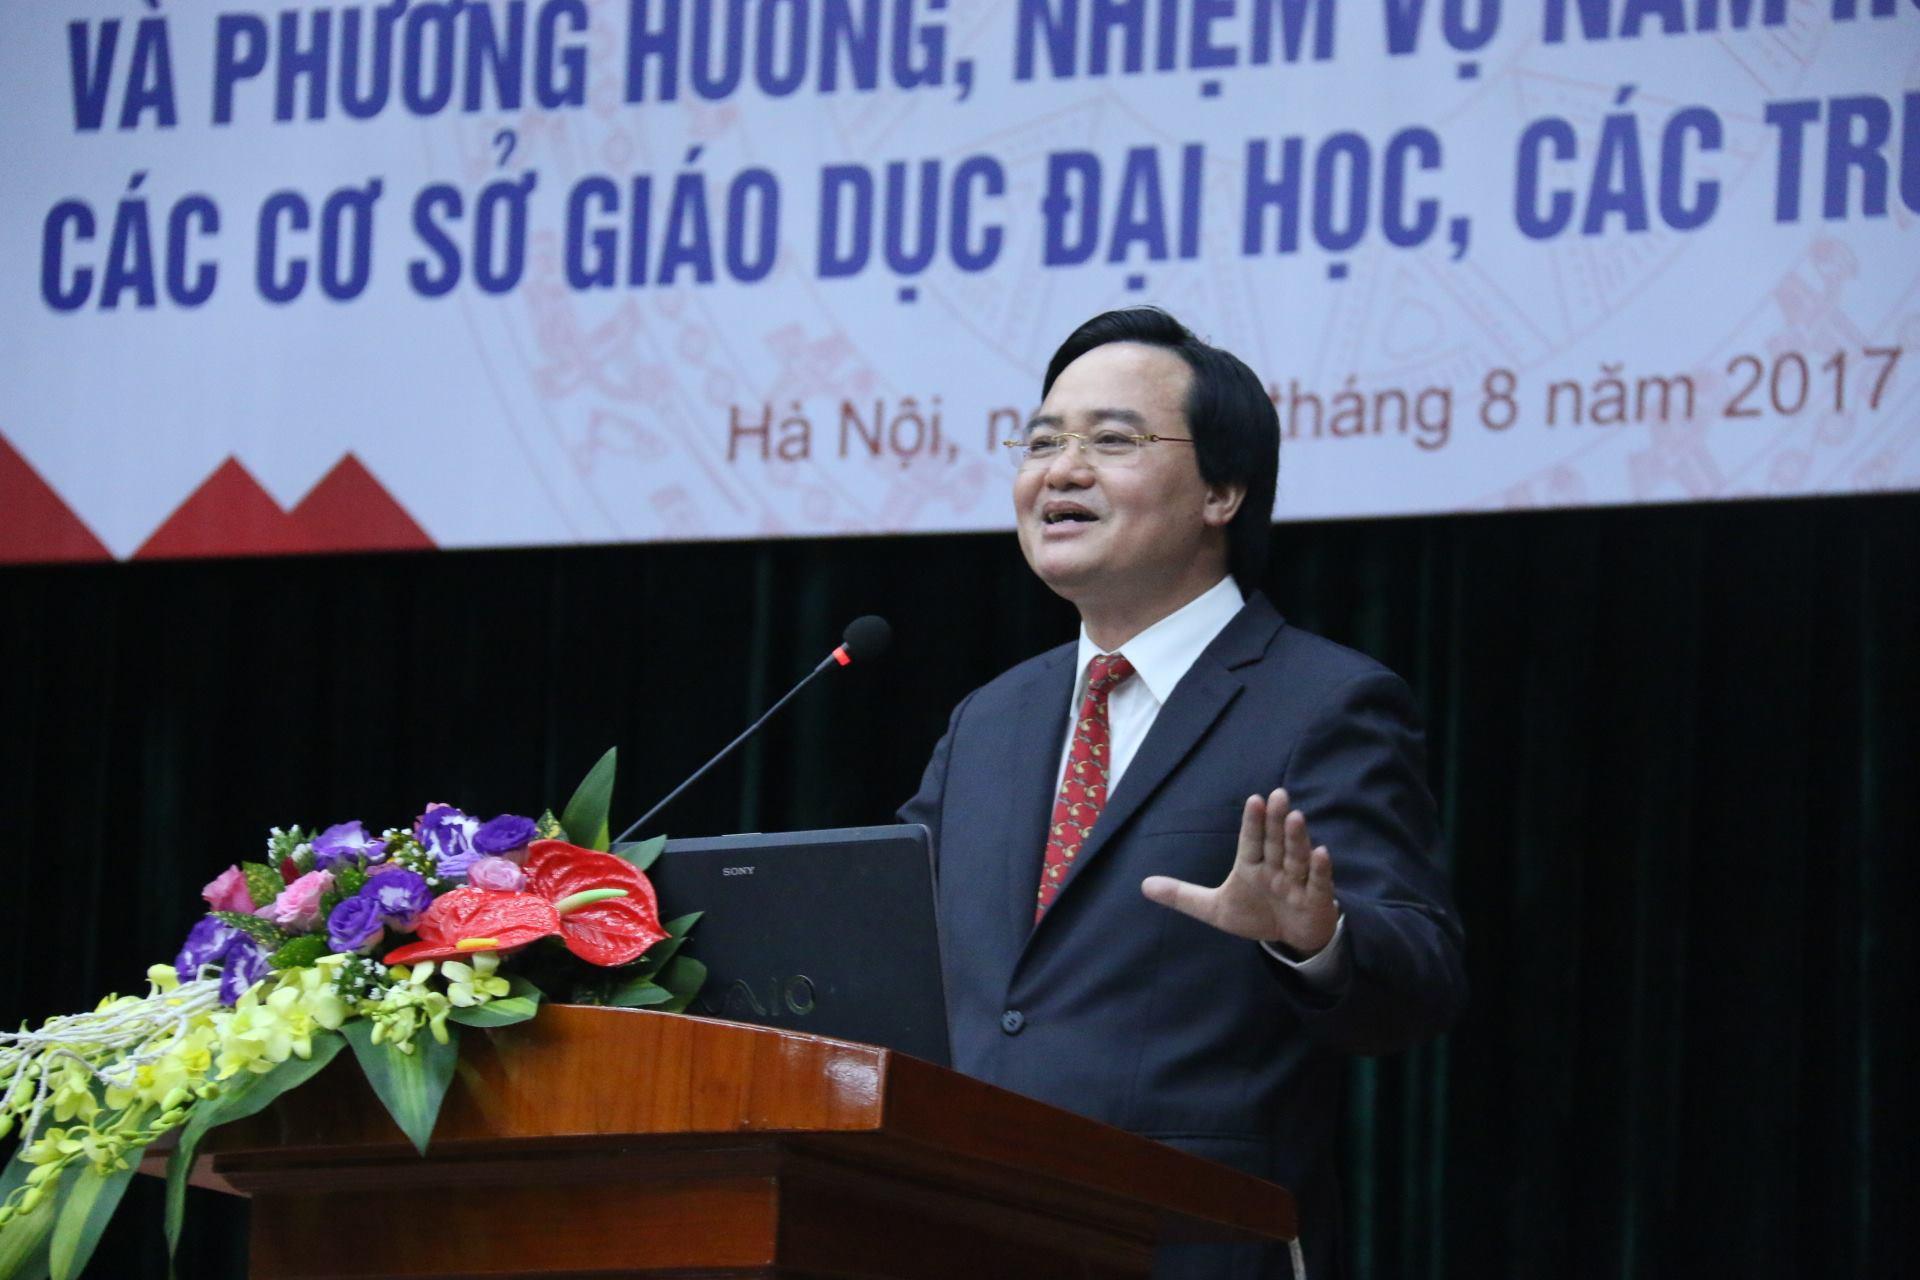 Bộ trưởng Phùng Xuân Nhạ,giáo dục đại học